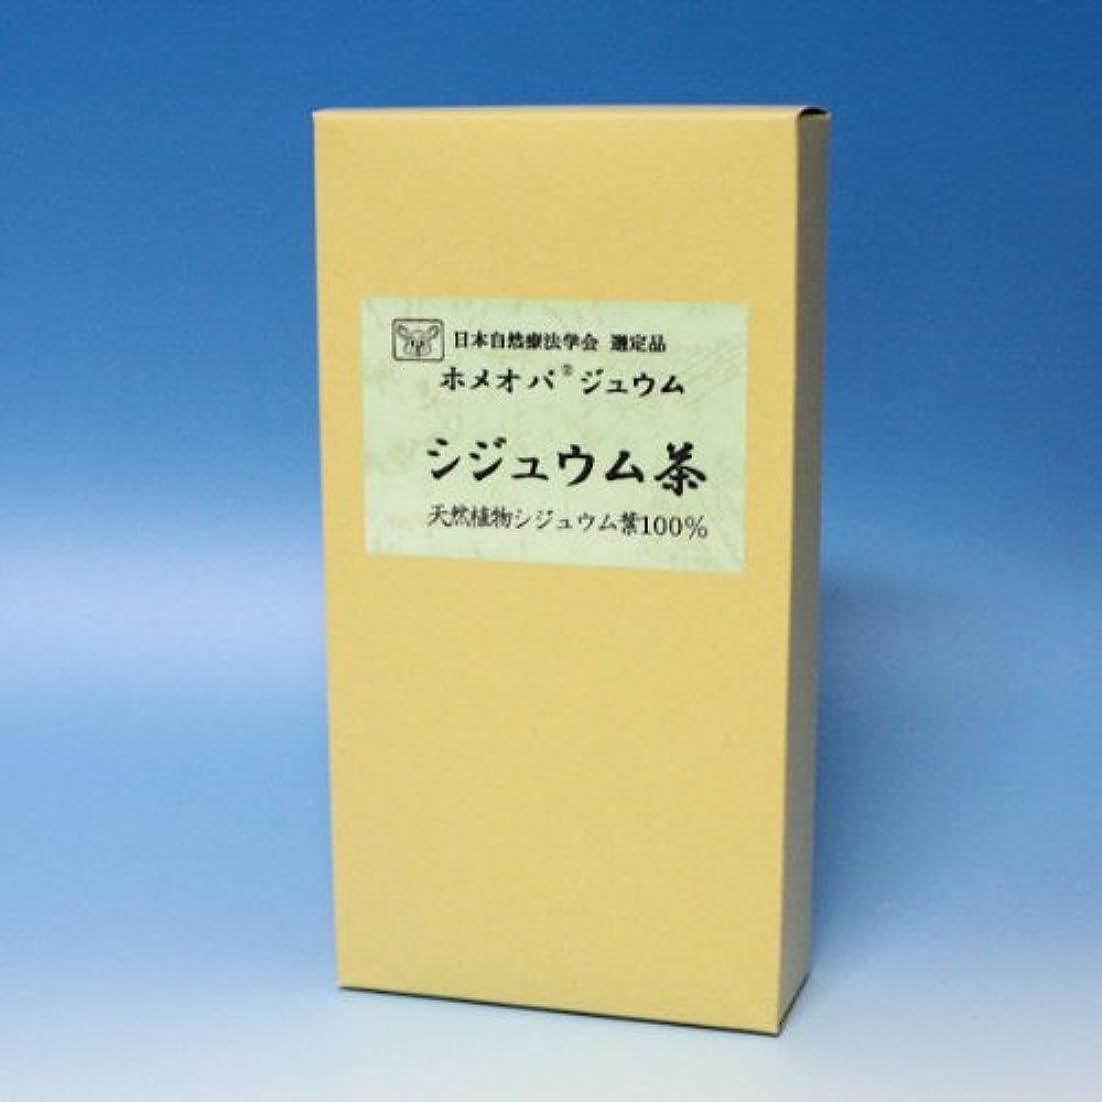 温かい買い手すべてシジュウム茶 0.5g×90包